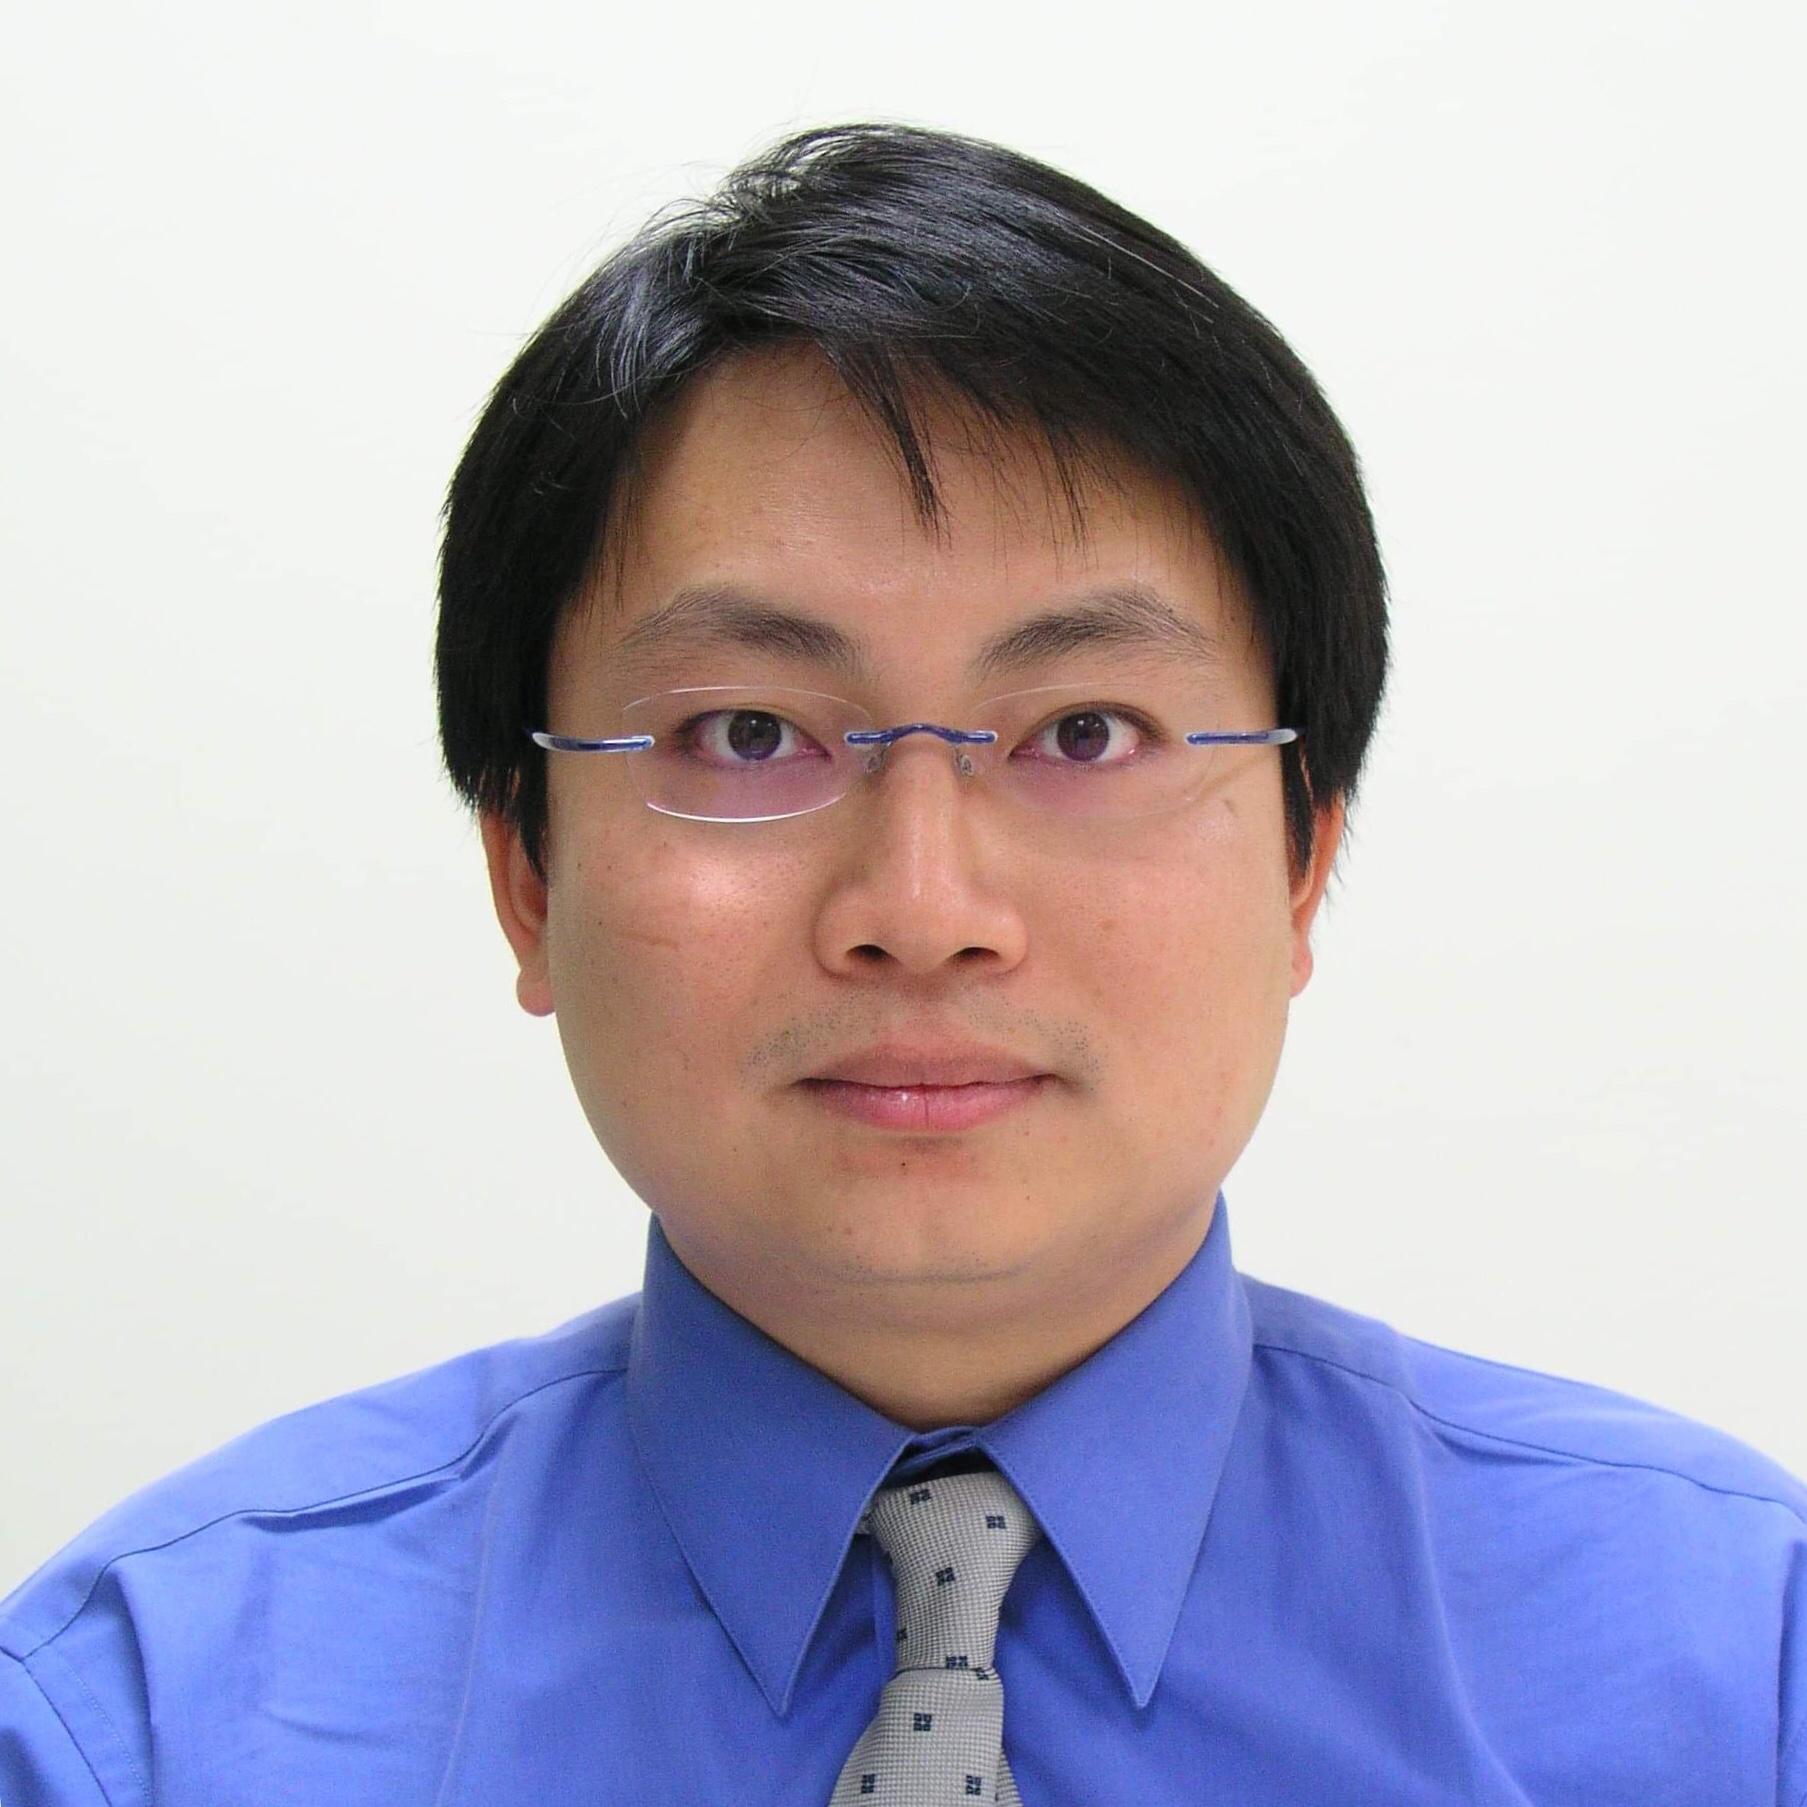 楊忠一 物理治療師